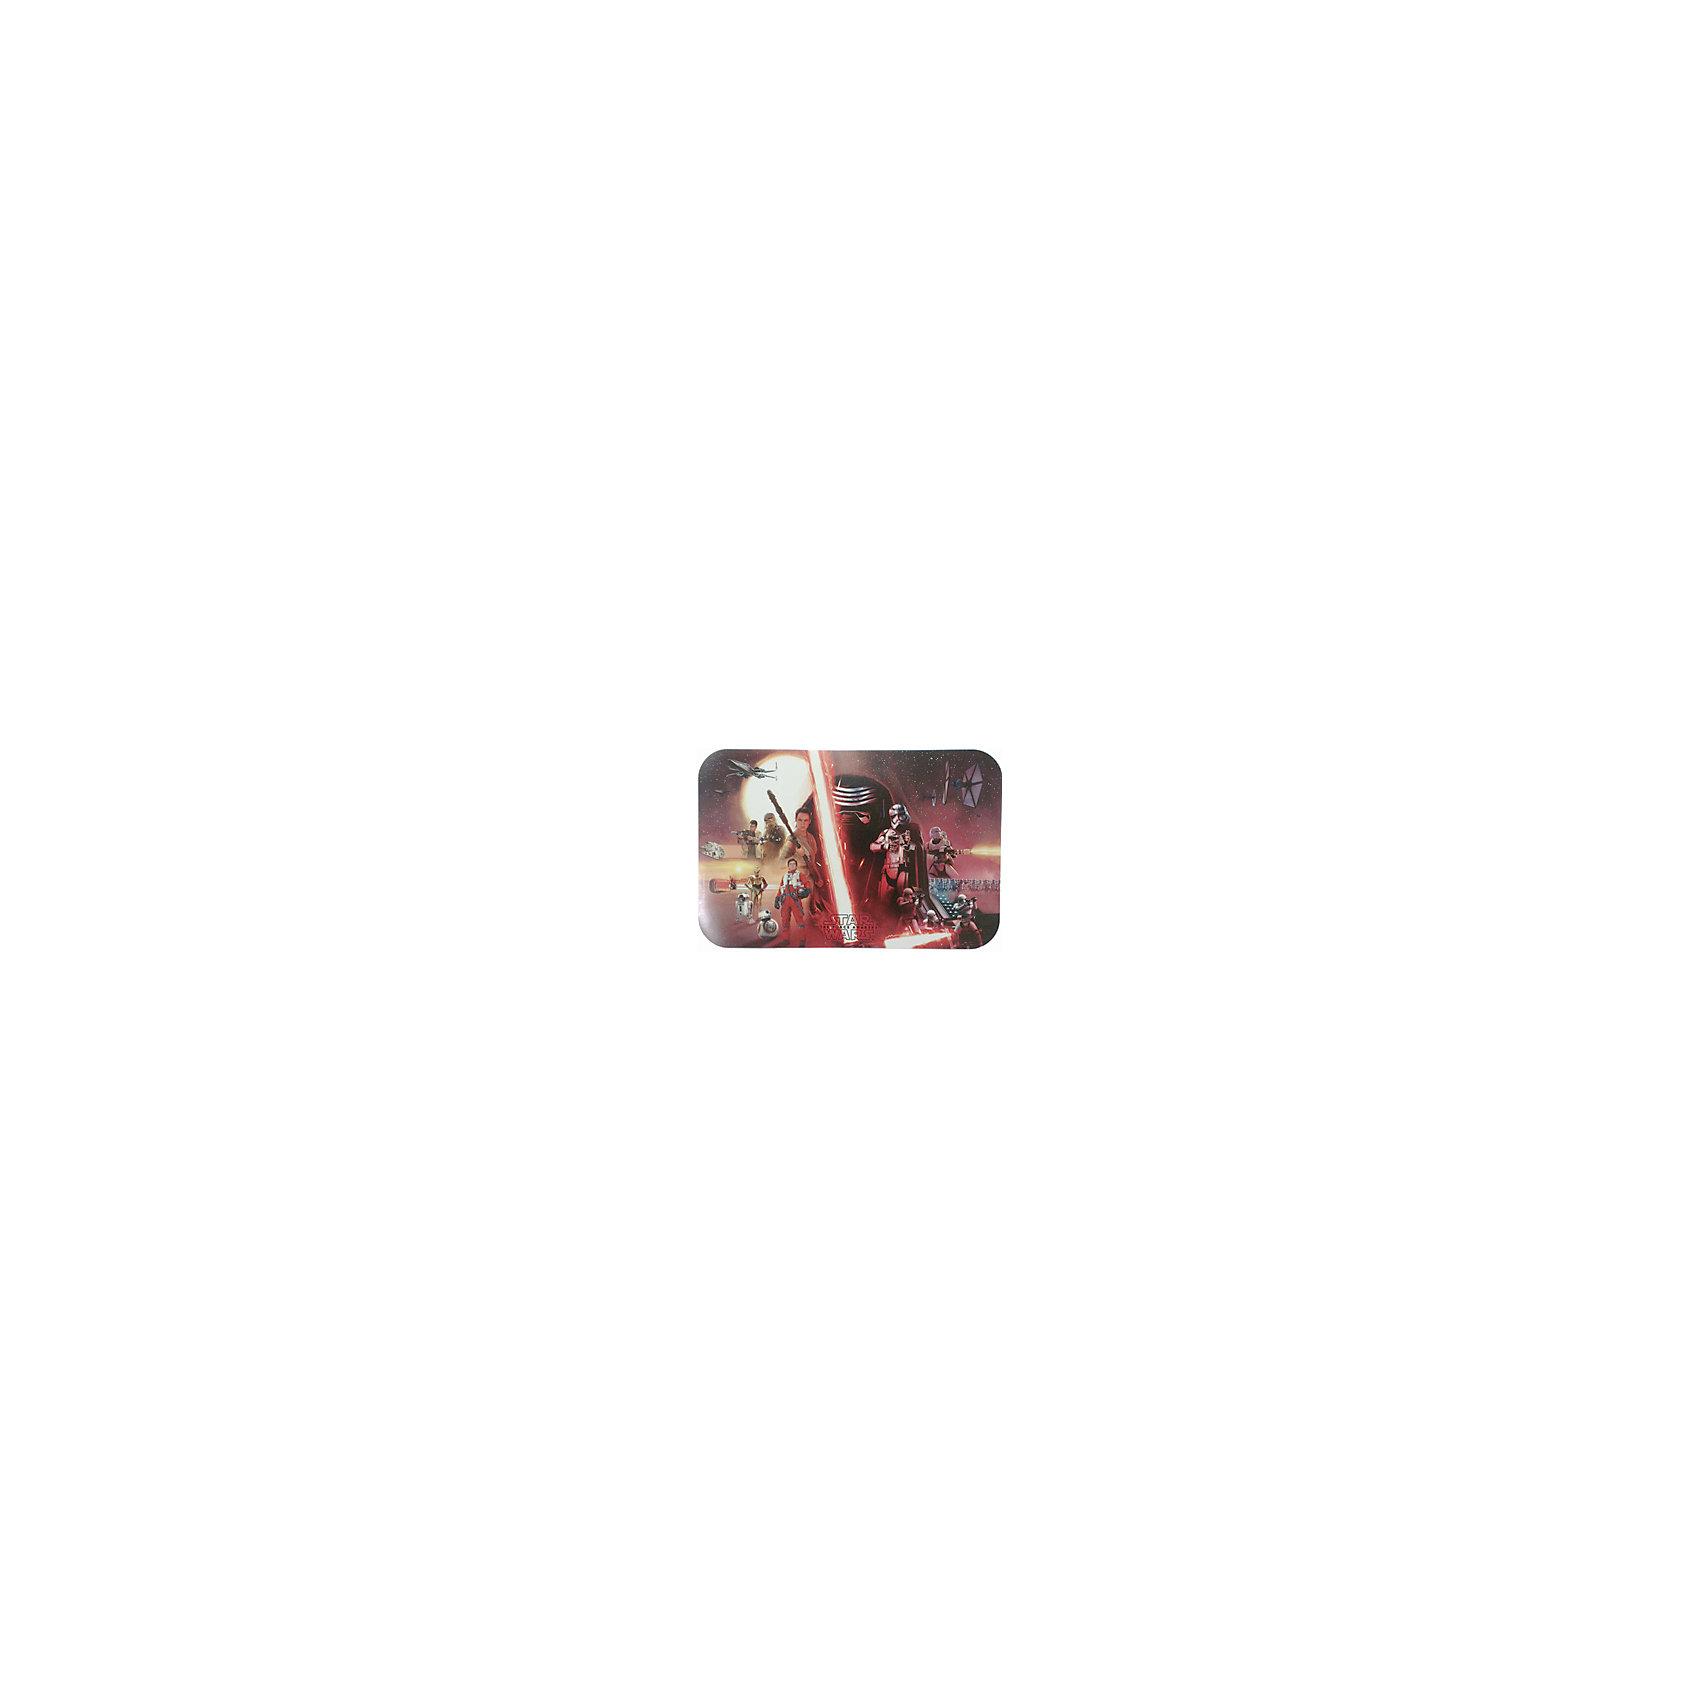 Салфетка Пробуждение силы 44*29 см, Звездные ВойныСалфетка Пробуждение силы 44*29 см, Звездные Войны - эта салфетка не только украсит стол, но и защитит его от различных повреждений.<br>Термосалфетка под столовые приборы Пробуждение силы, оформленная 2D рисунком с изображением героев седьмого эпизода саги «Звёздные войны: Пробуждение силы», идеально впишется в интерьер любой кухни. Она будет незаменимым и полезным аксессуаром, так как защитит поверхность столешницы от воздействия высоких температур и повреждений, и уменьшит шум от посуды. Ваш стол будет украшен яркой красочной салфеткой, а оригинальный рисунок поднимет аппетит и настроение вам и вашему ребенку!<br><br>Дополнительная информация:<br><br>- Размер: 44х29 см.<br>- Материал: термоустойчивый, экологически чистый полипропилен<br><br>Салфетку Пробуждение силы 44*29 см, Звездные Войны можно купить в нашем интернет-магазине.<br><br>Ширина мм: 440<br>Глубина мм: 290<br>Высота мм: 1<br>Вес г: 50<br>Возраст от месяцев: 36<br>Возраст до месяцев: 144<br>Пол: Унисекс<br>Возраст: Детский<br>SKU: 4606795